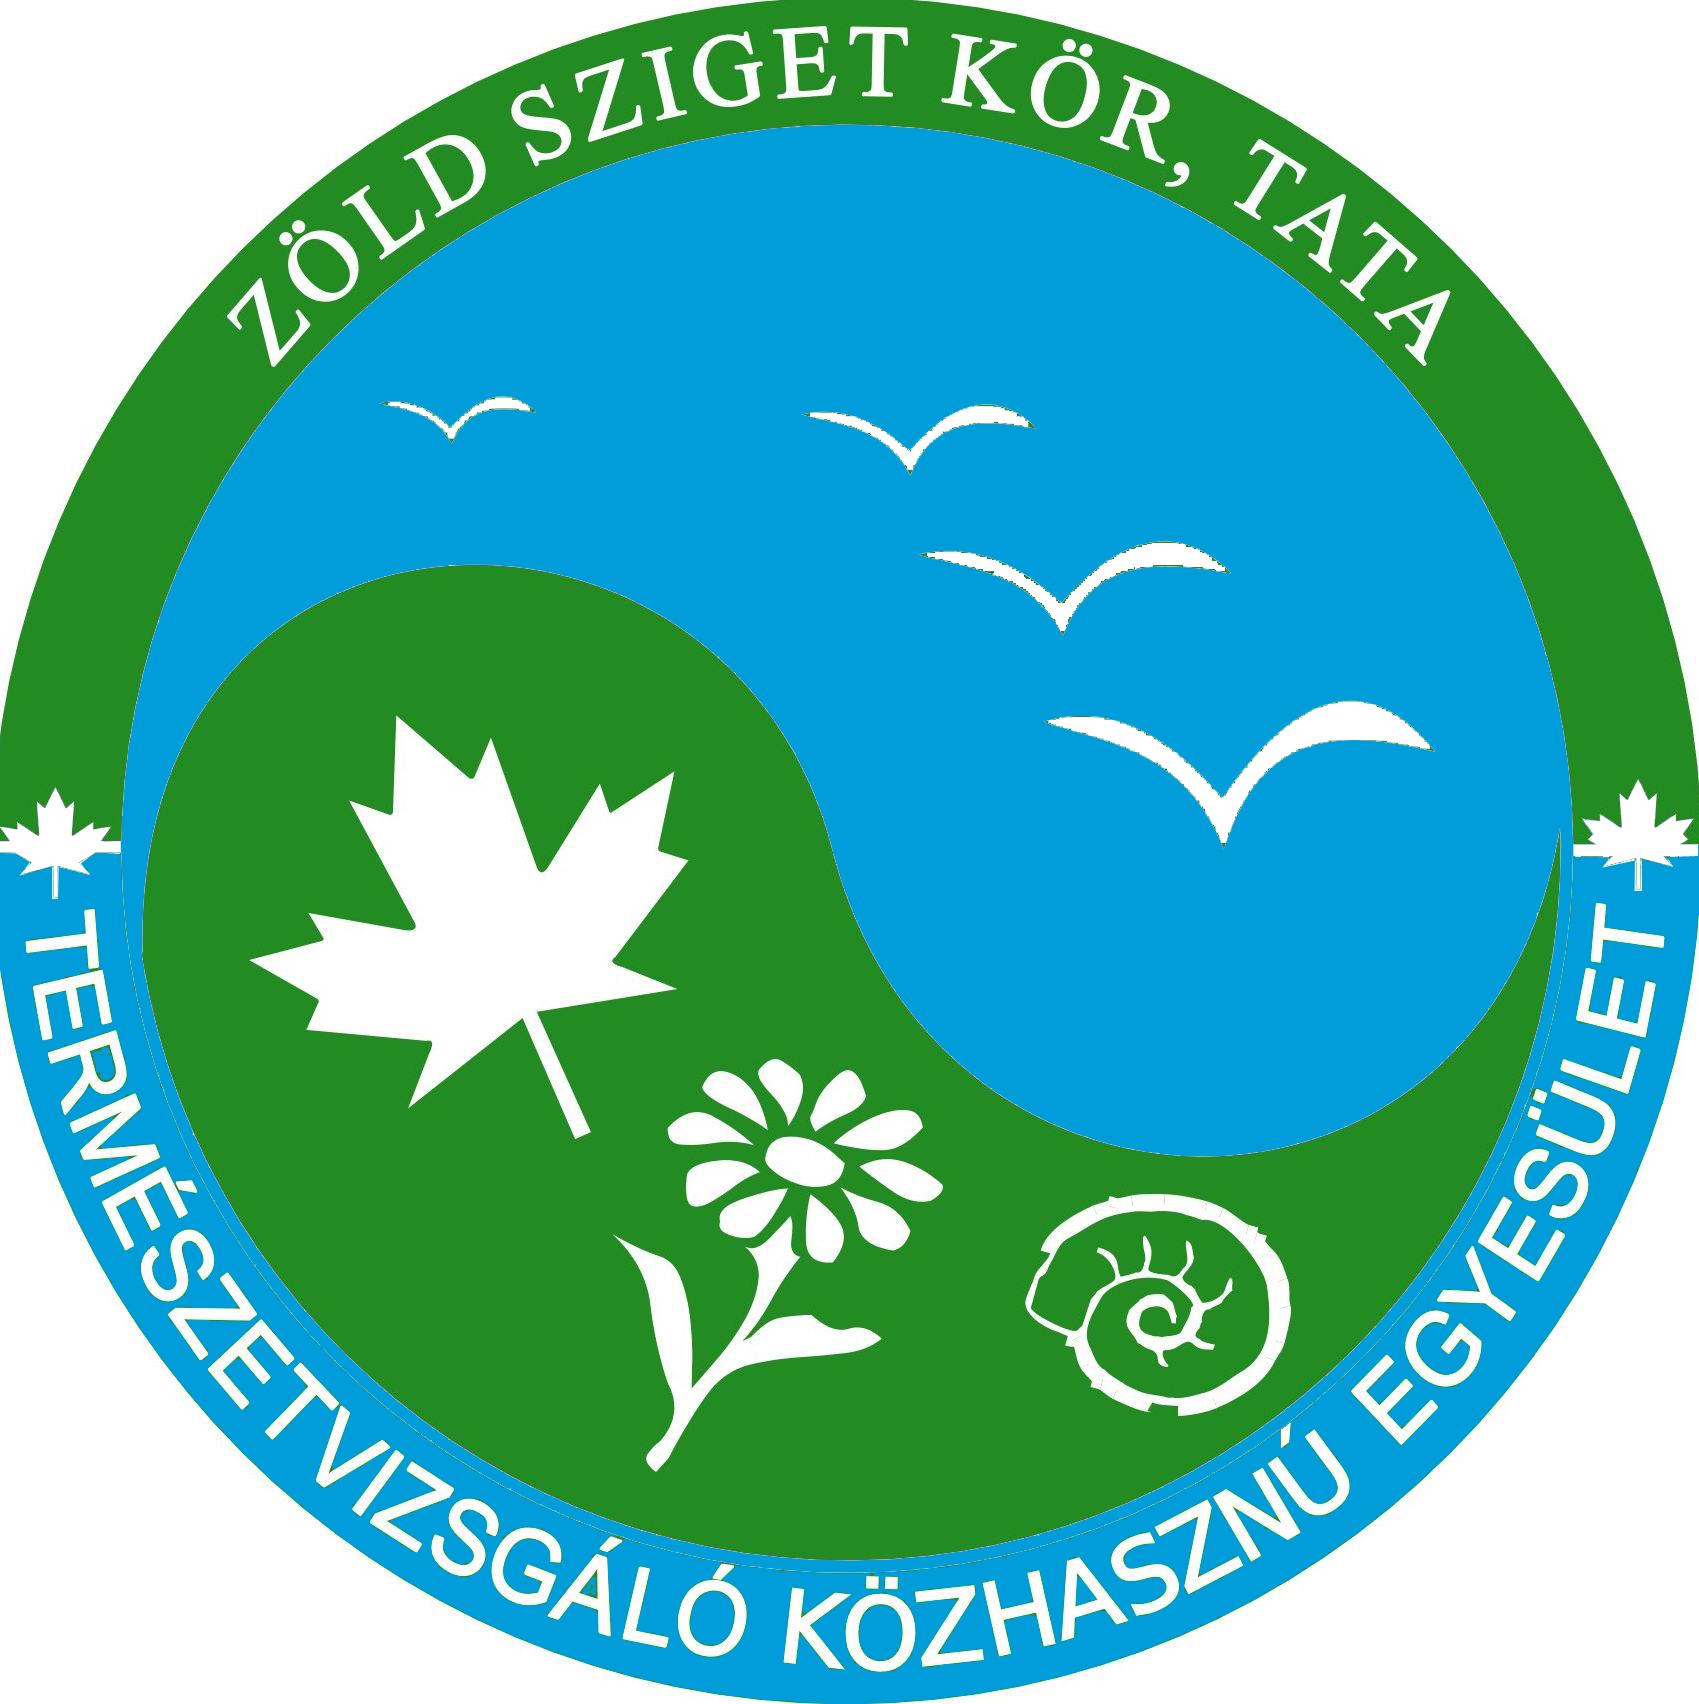 Zöld Sziget Kör Természetvizsgáló Közhasznú Egyesület logója